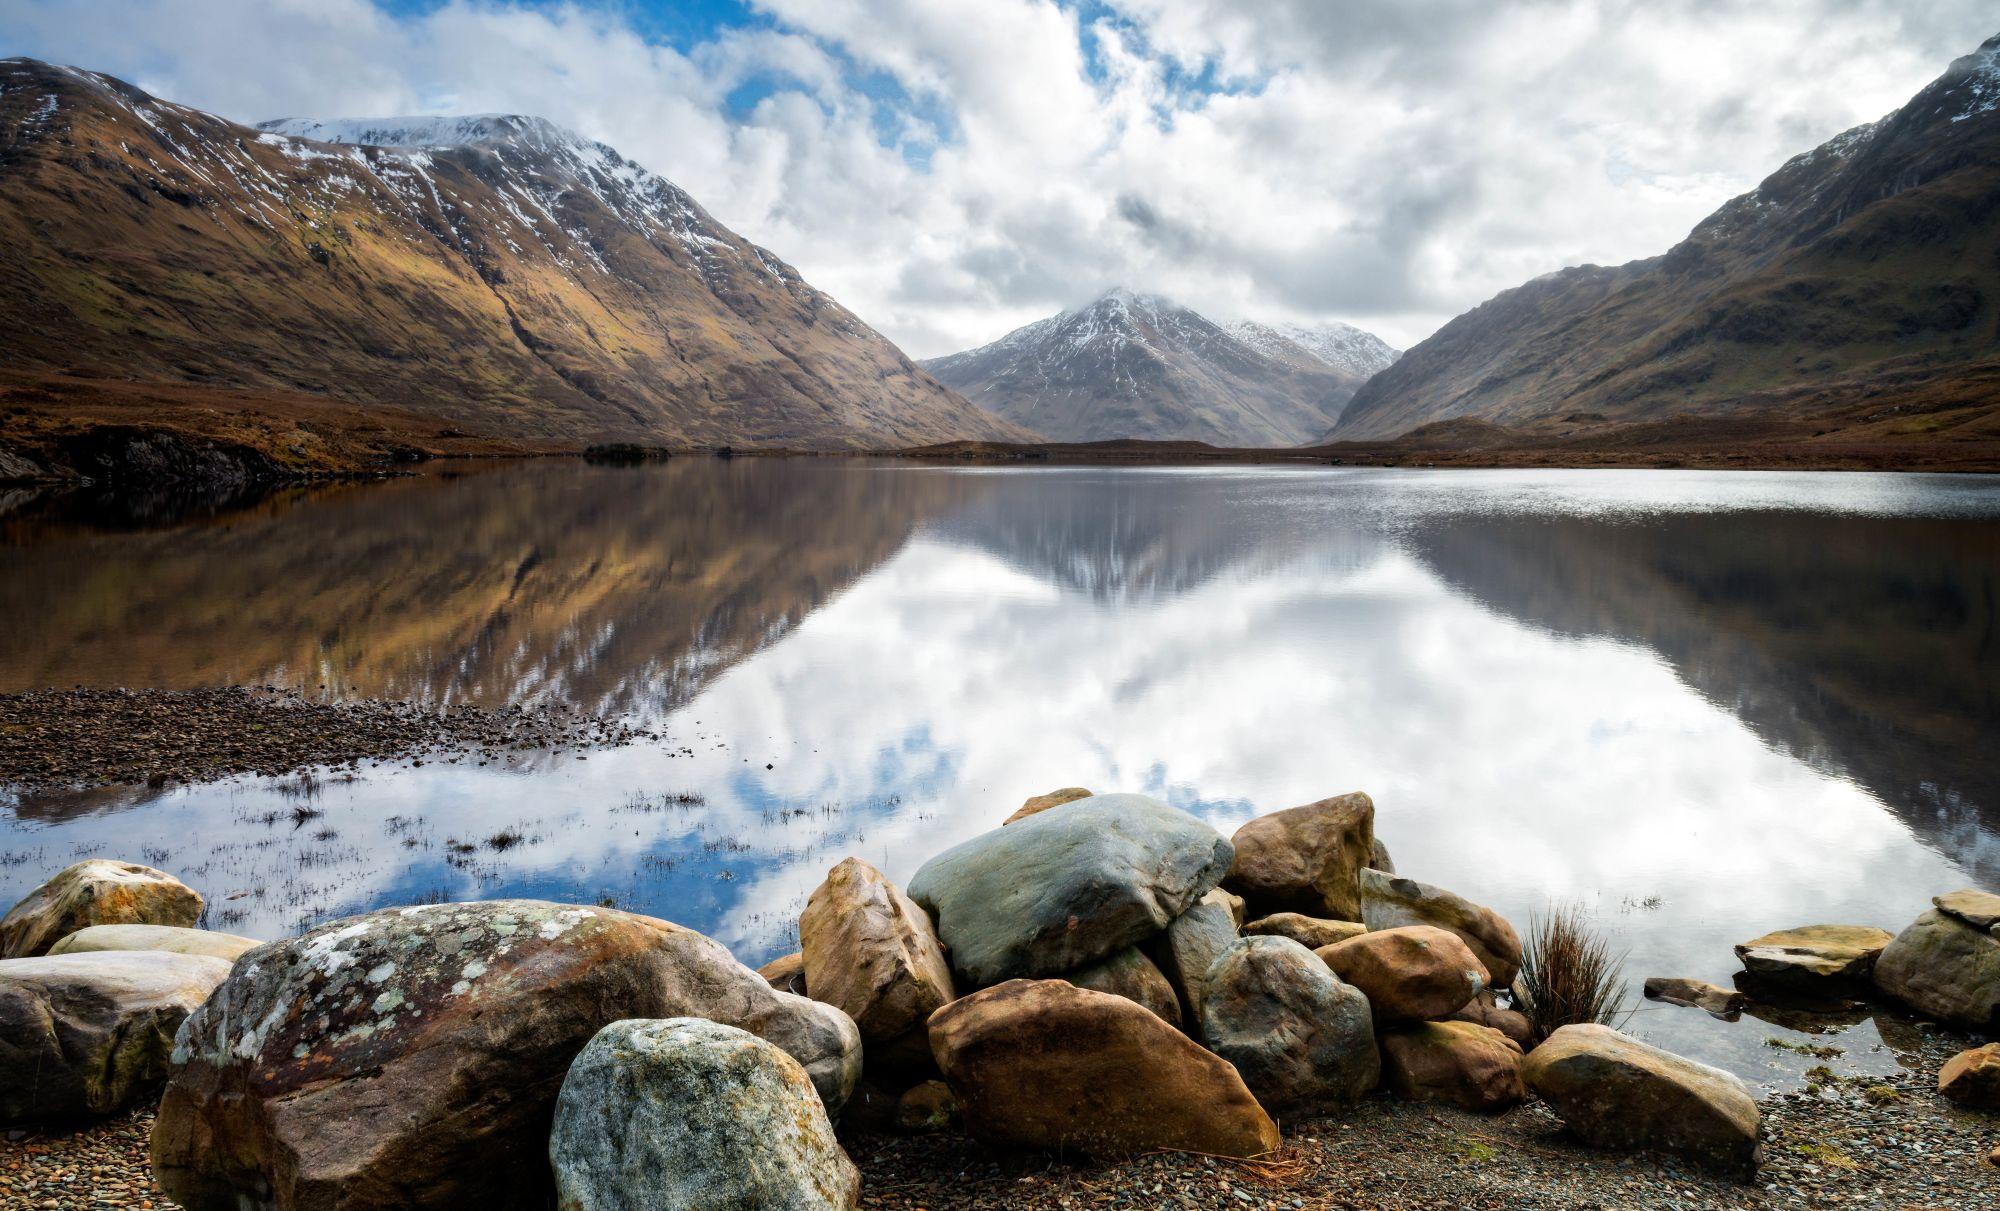 Ireland's Wild Atlantic Way Tours 2019 - 2020 -  lake in mountains